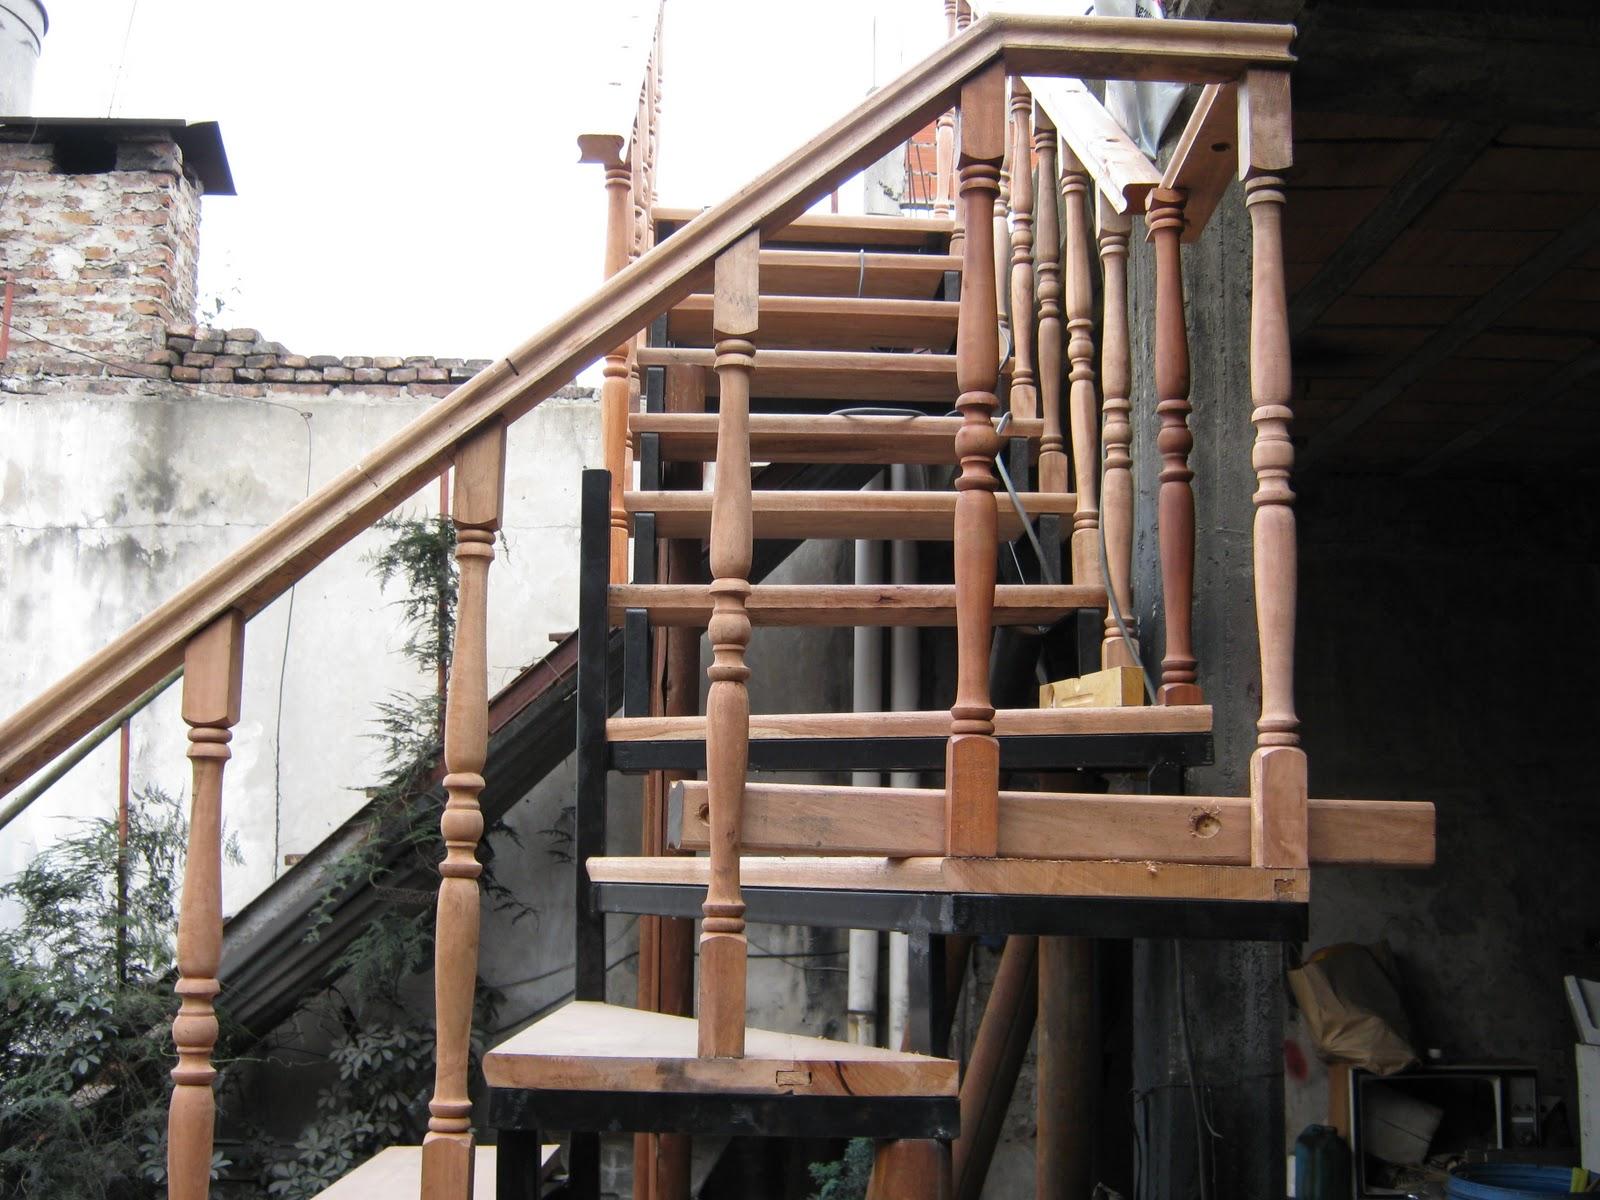 Escaleras la mosca blanca escalera estructura con - Escaleras blancas ...